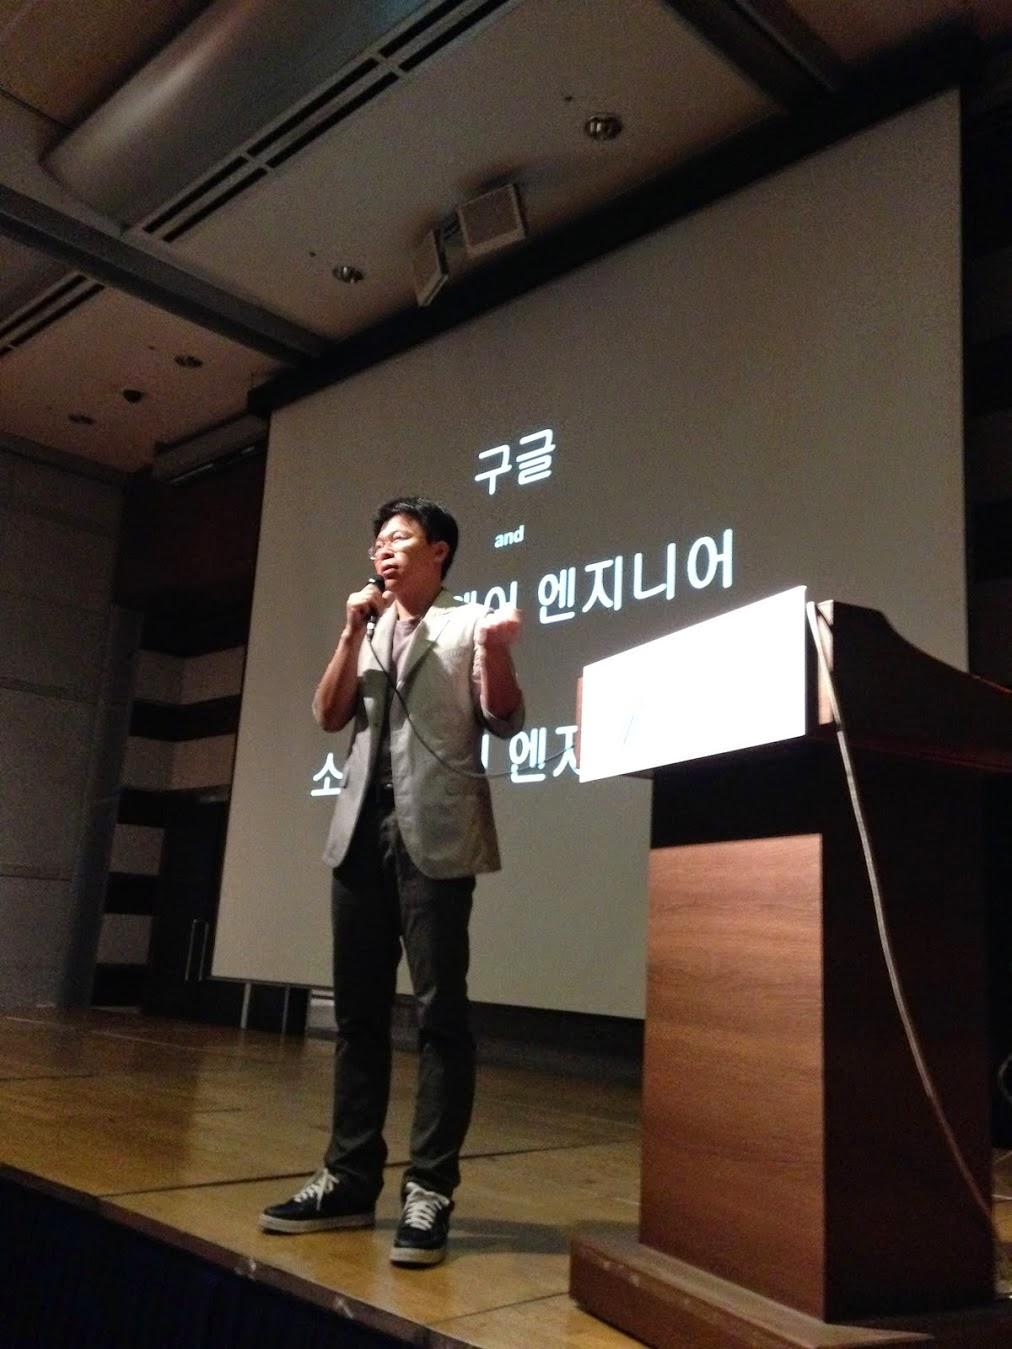 GDG Korea DevFest 2014: 구글의 소프트웨어 엔지니어링 - 이준영님